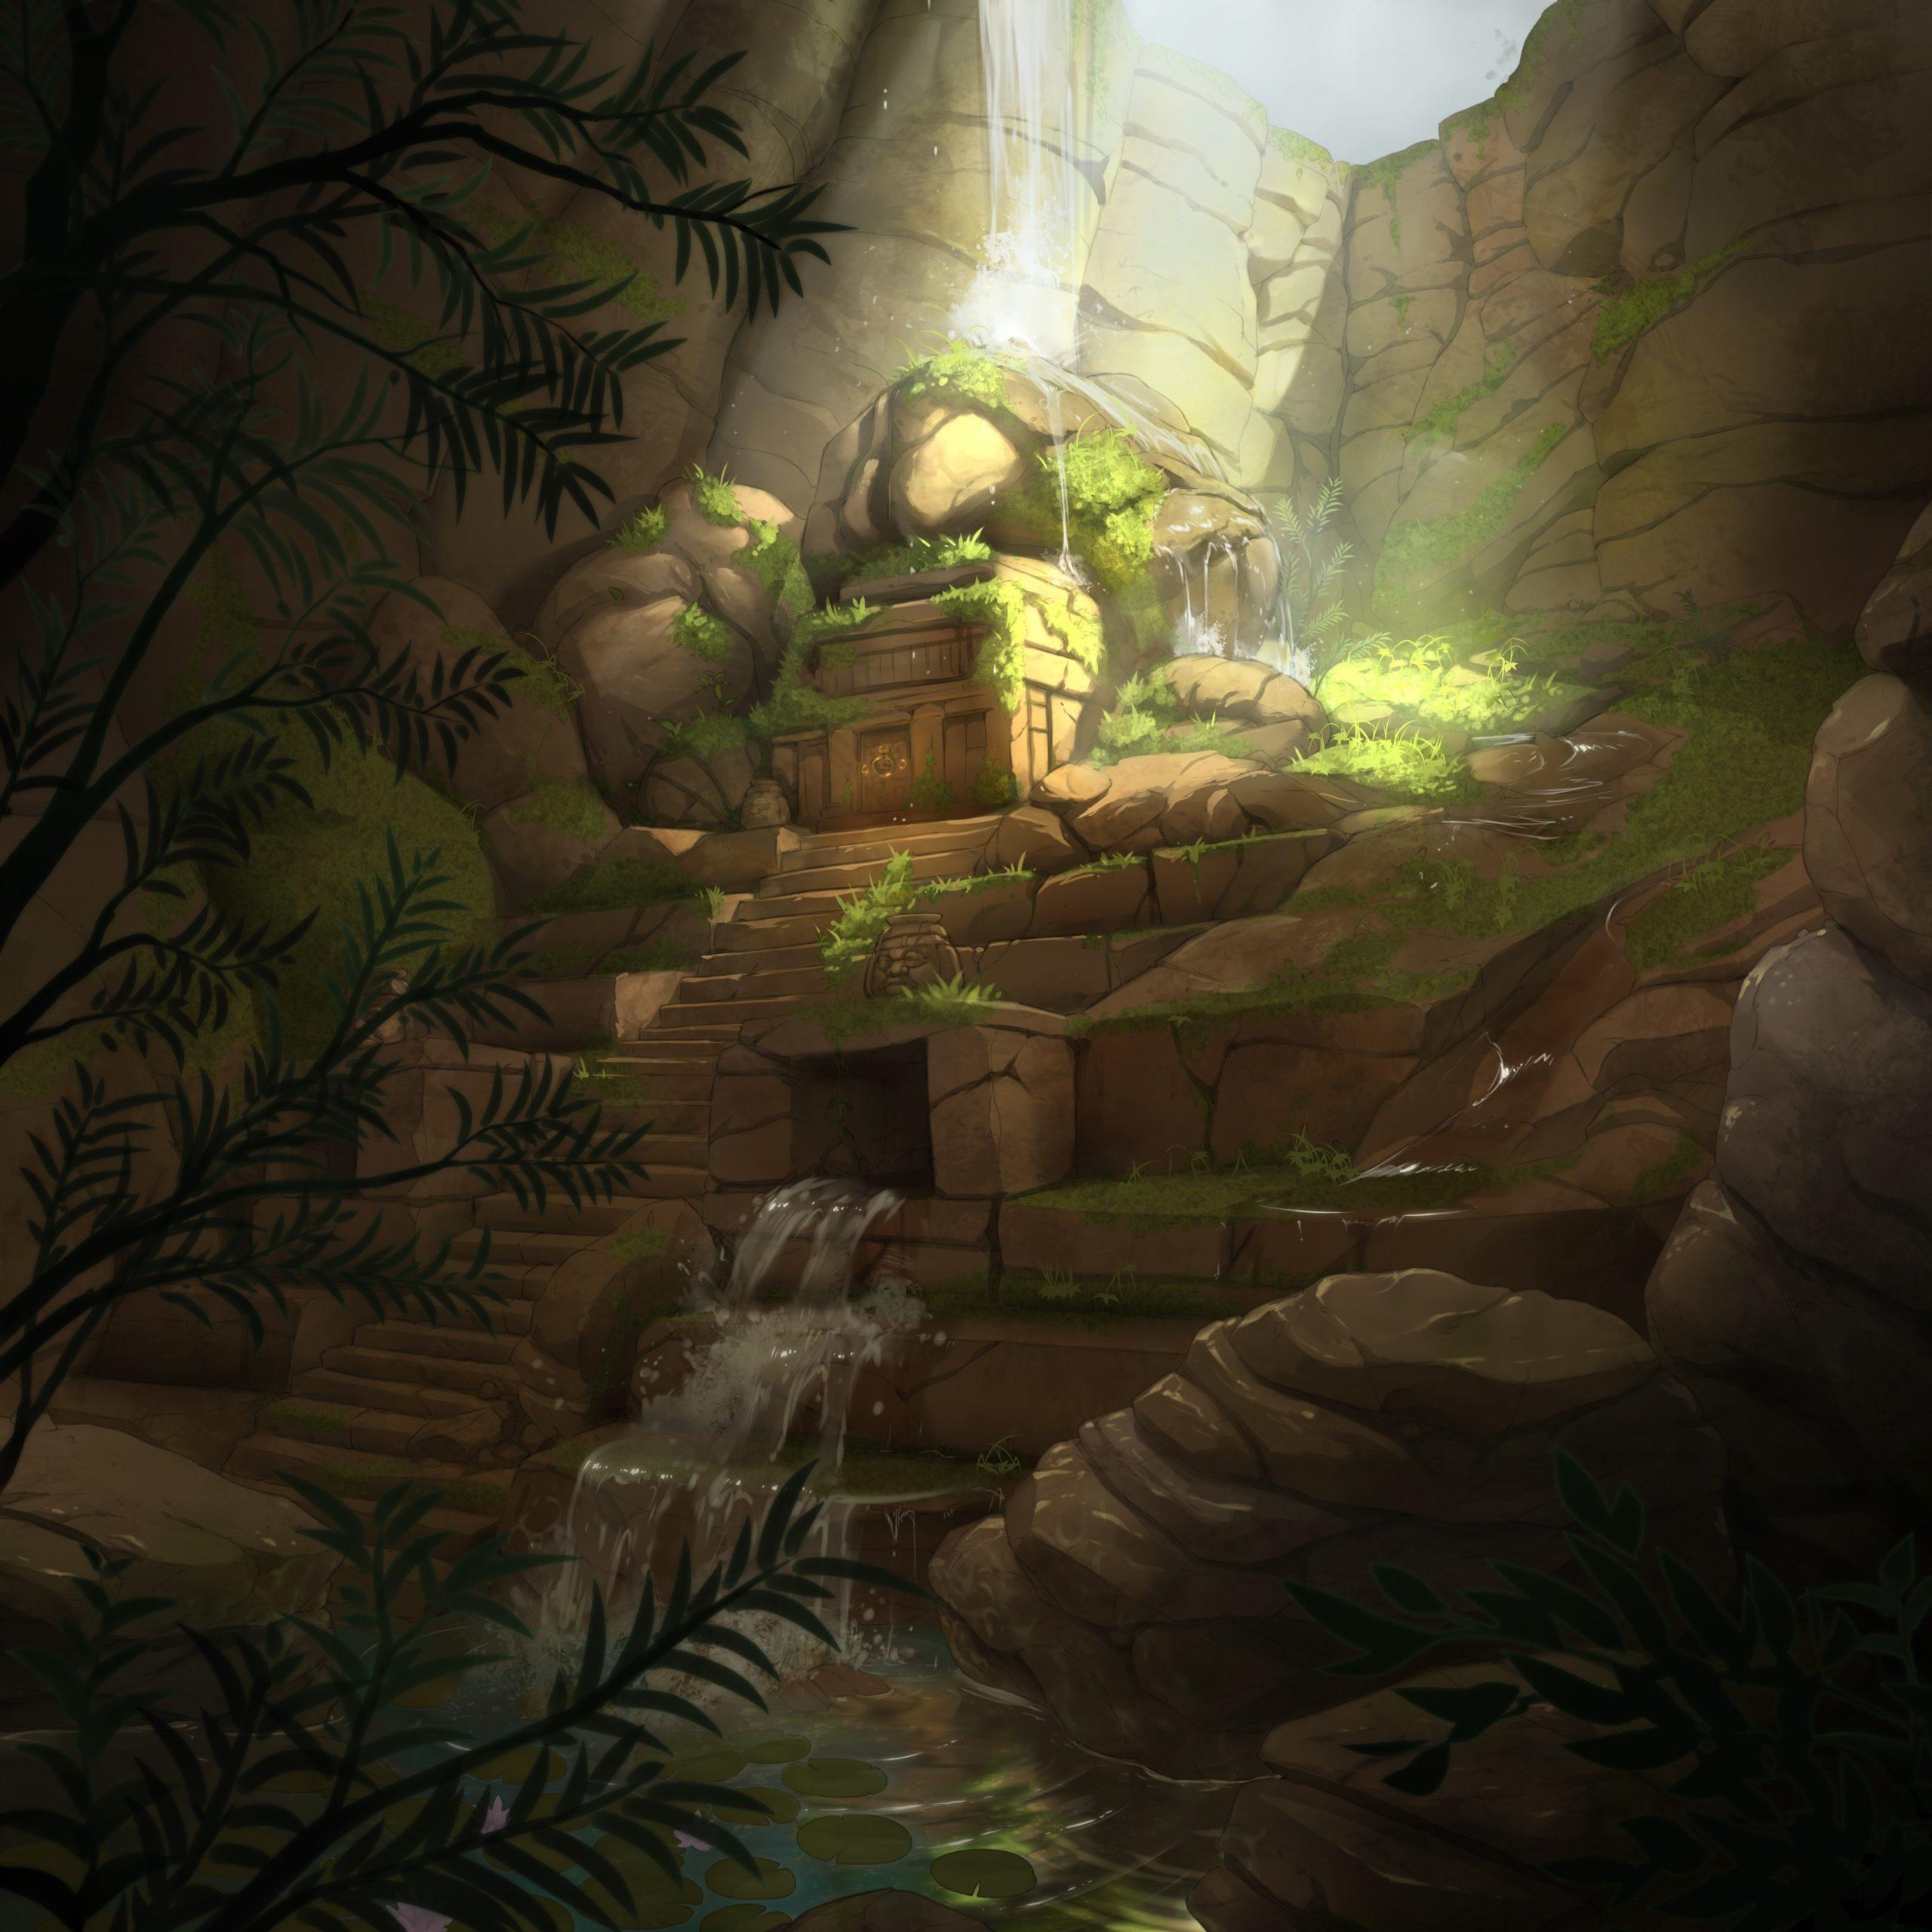 Sebastian personnage de Is It Love et vue d'un temple